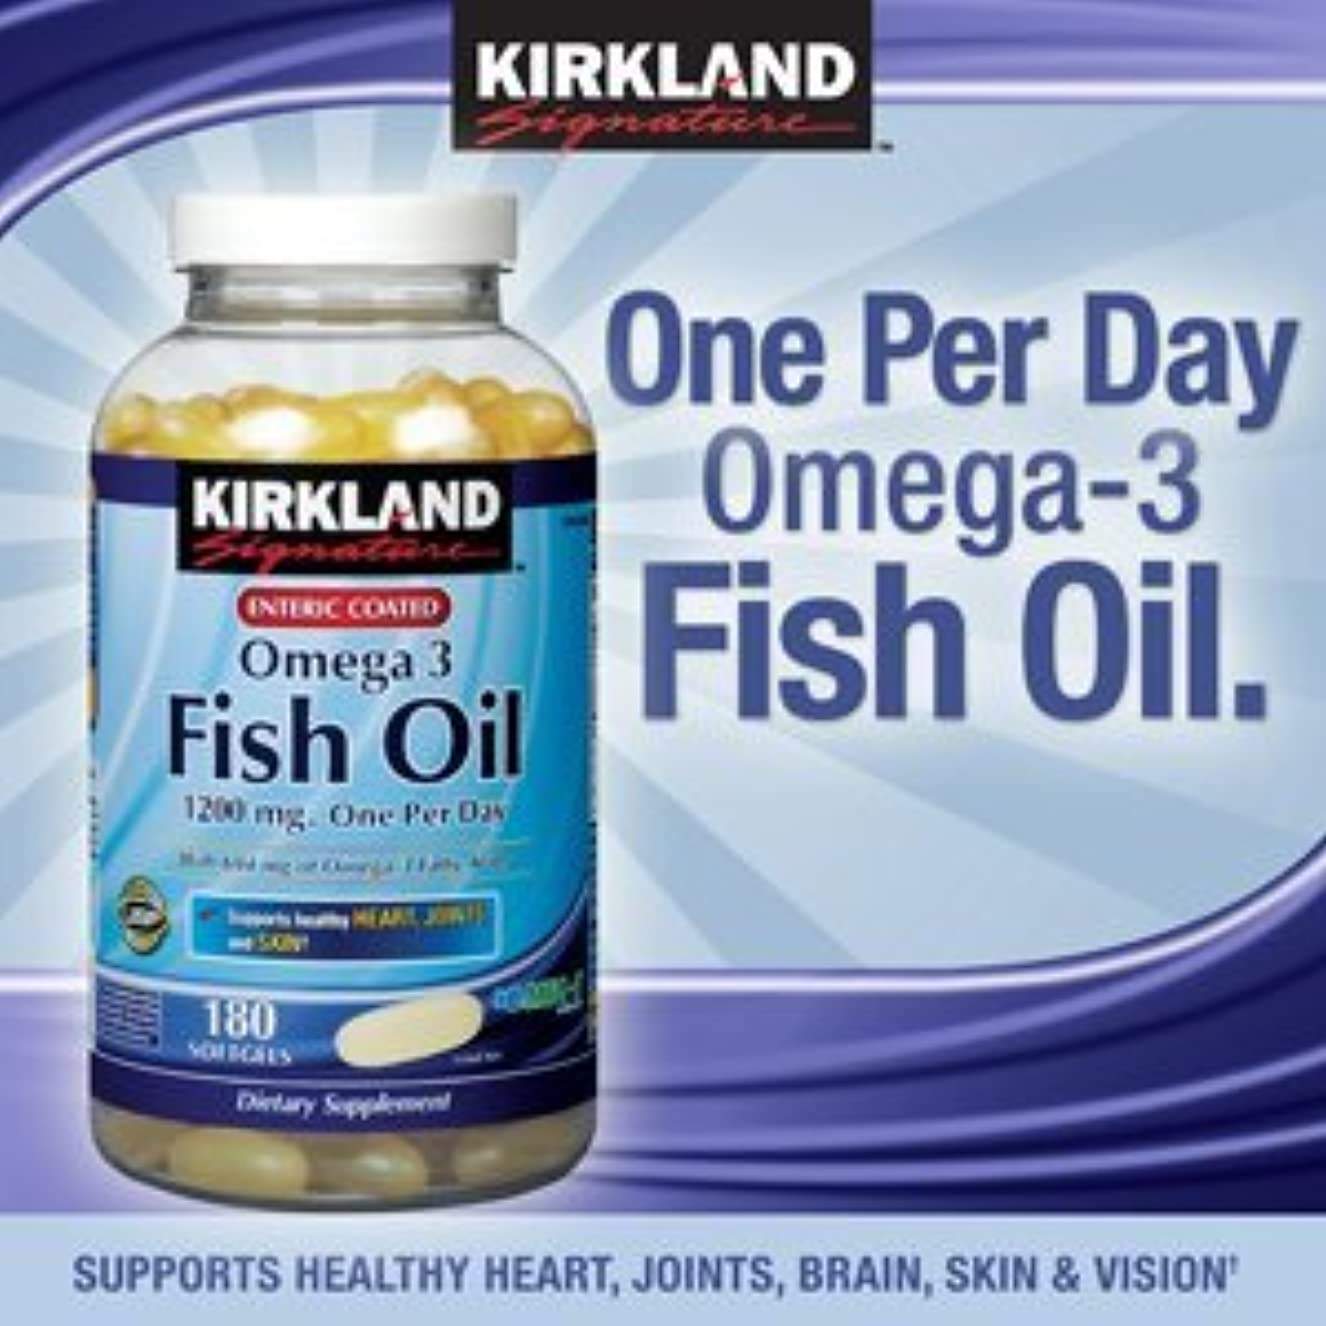 反発する締める課すカークランド フィッシュオイル オメガ3 コンセントレイト 1200 mg 180ソフトカプセル 海外直送品